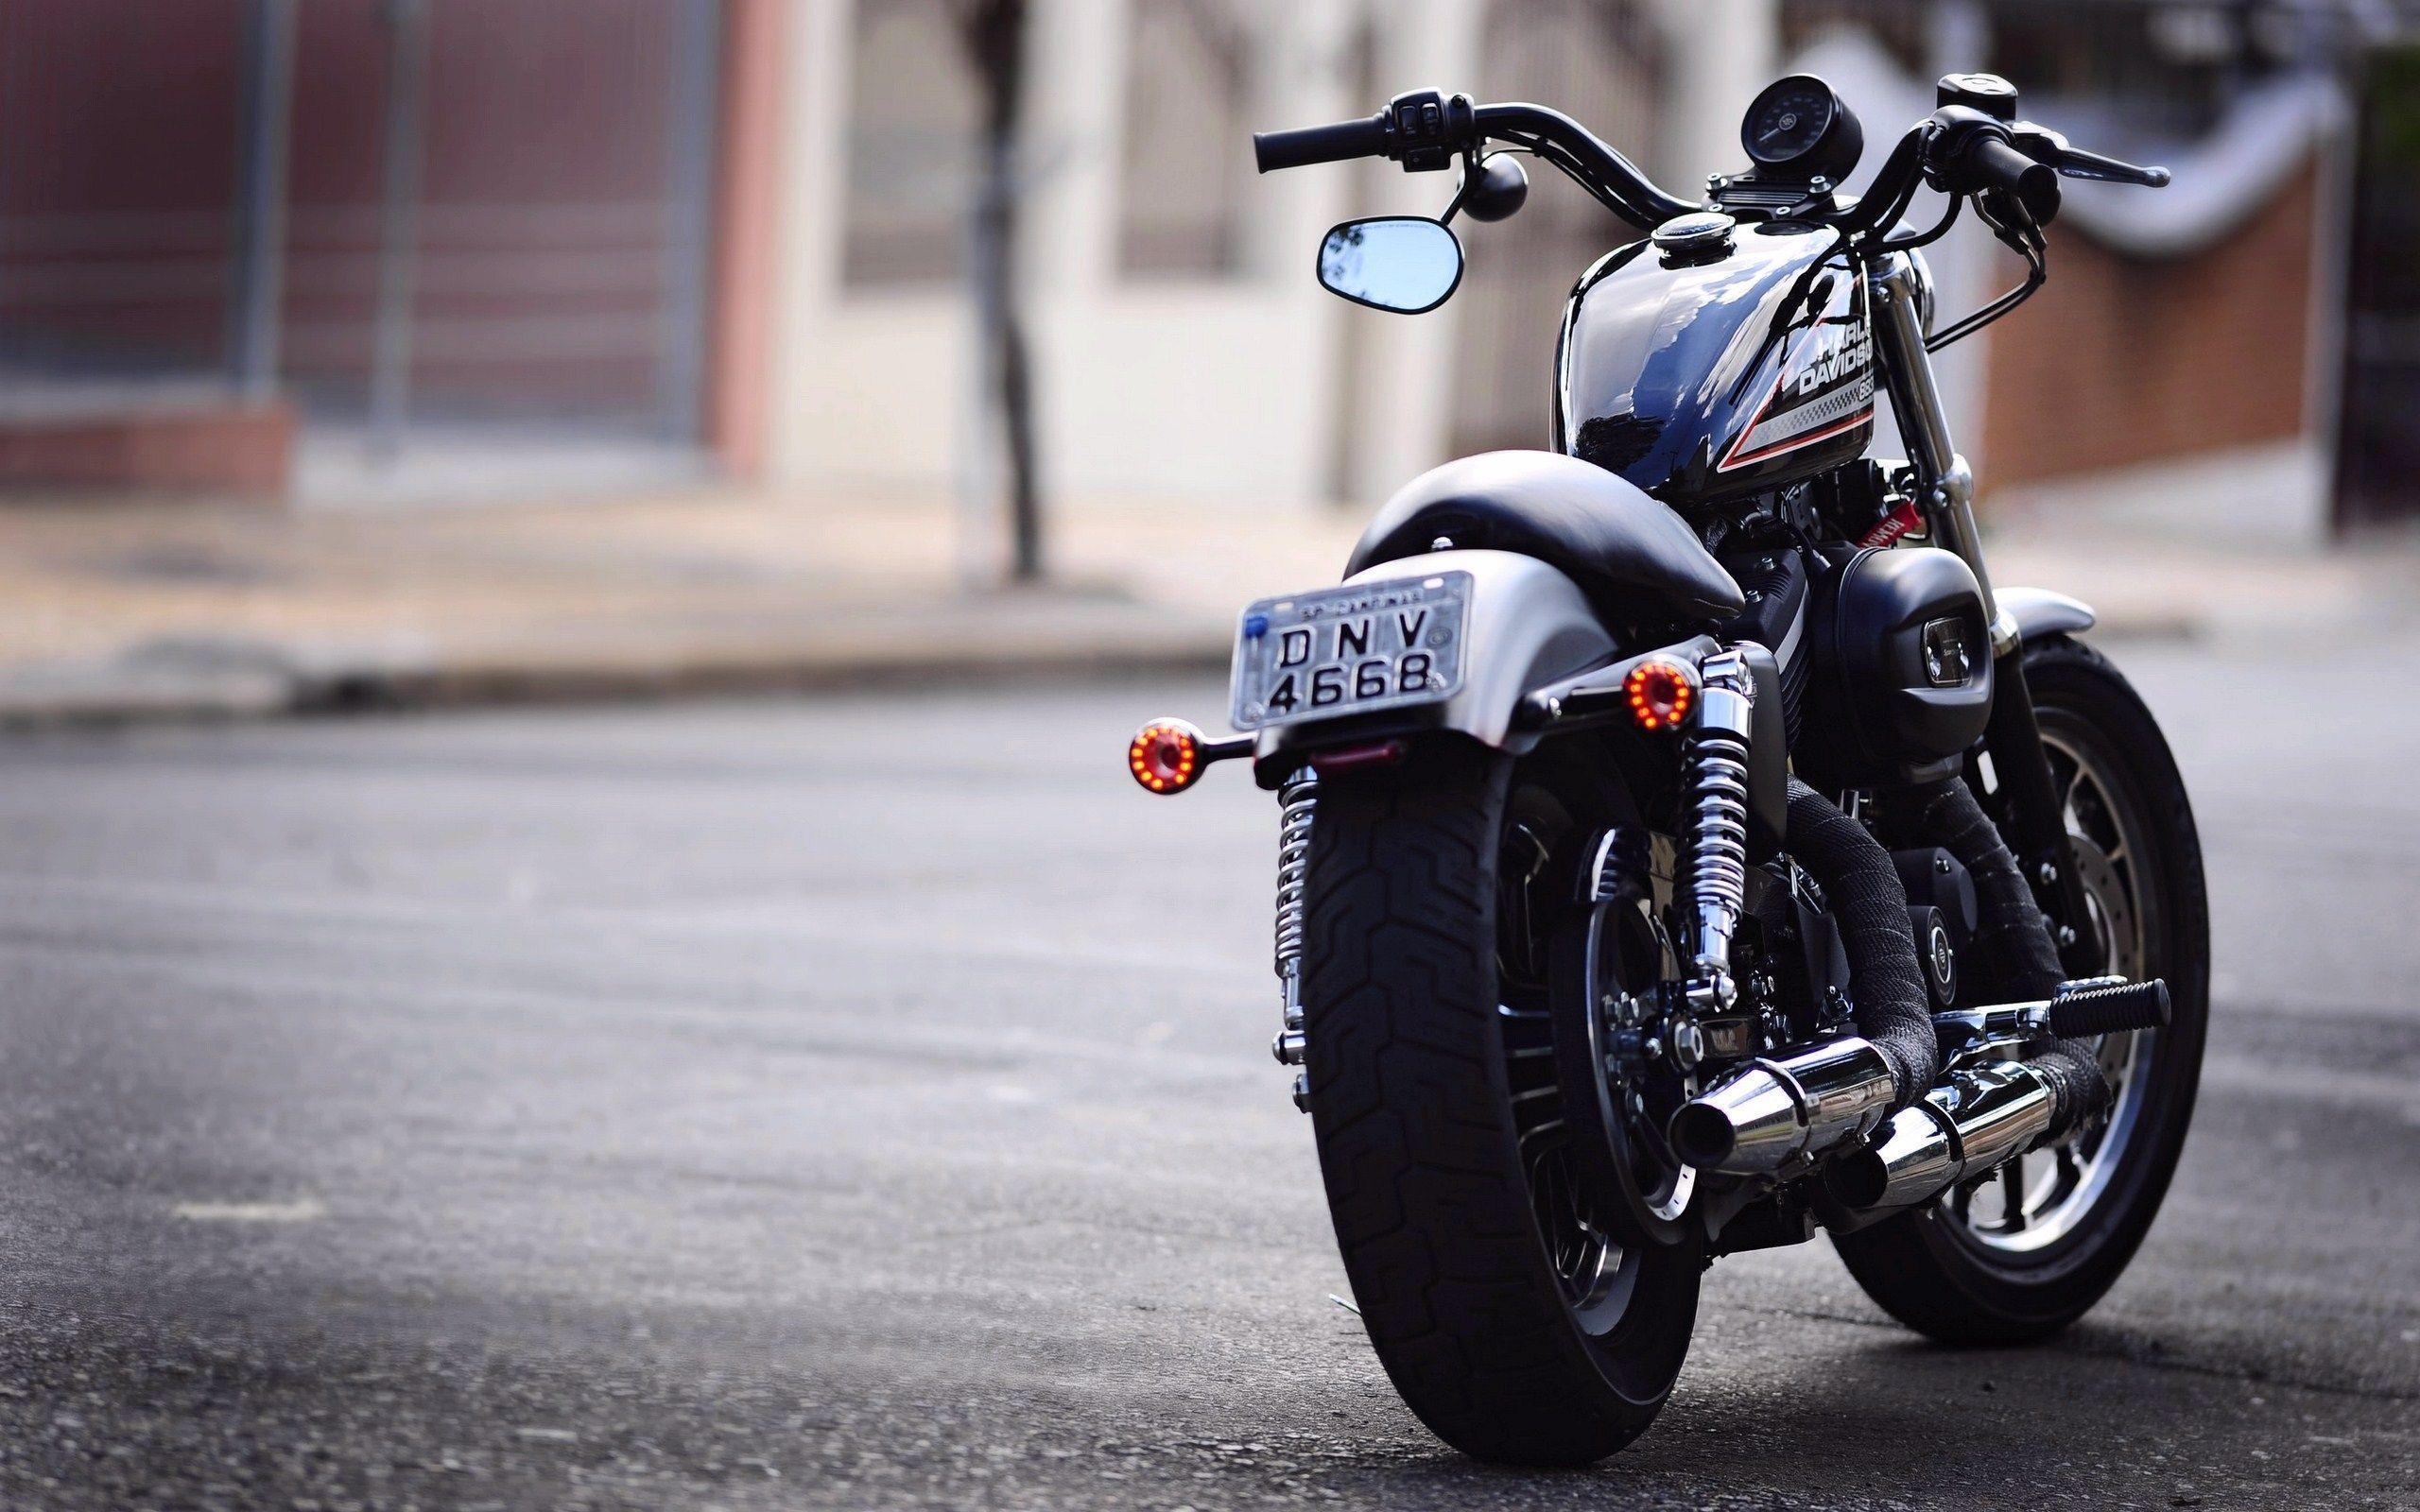 Harley-Davidson Wallpaper HD - WallpaperSafari